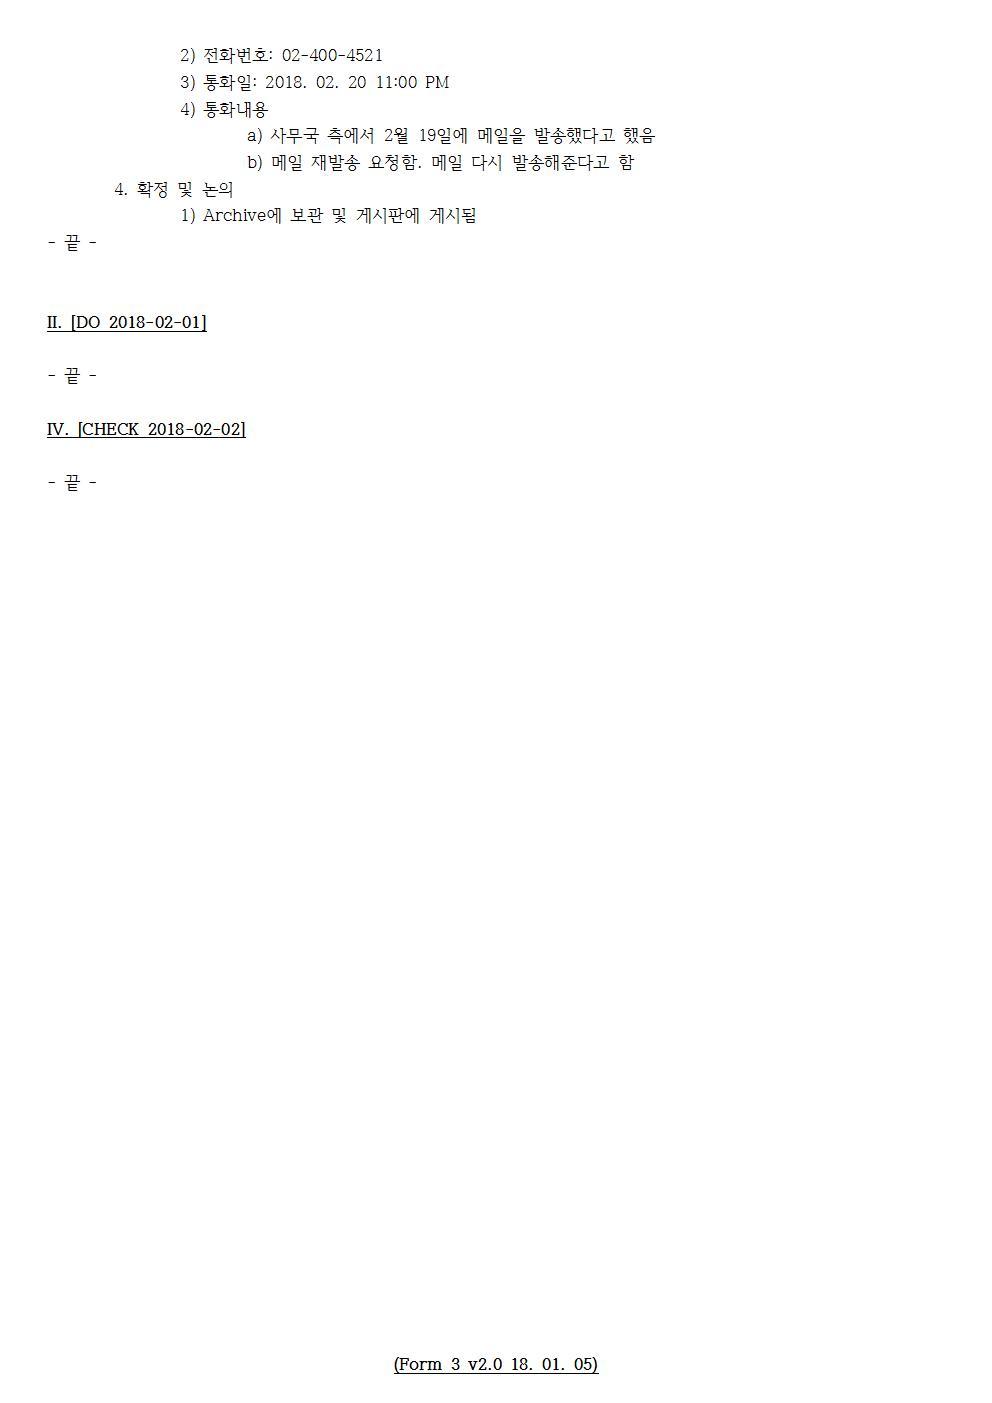 D-[18-008-PP-02]-[SoSSADONISCertification]-[2018-02-21][SH]002.jpg